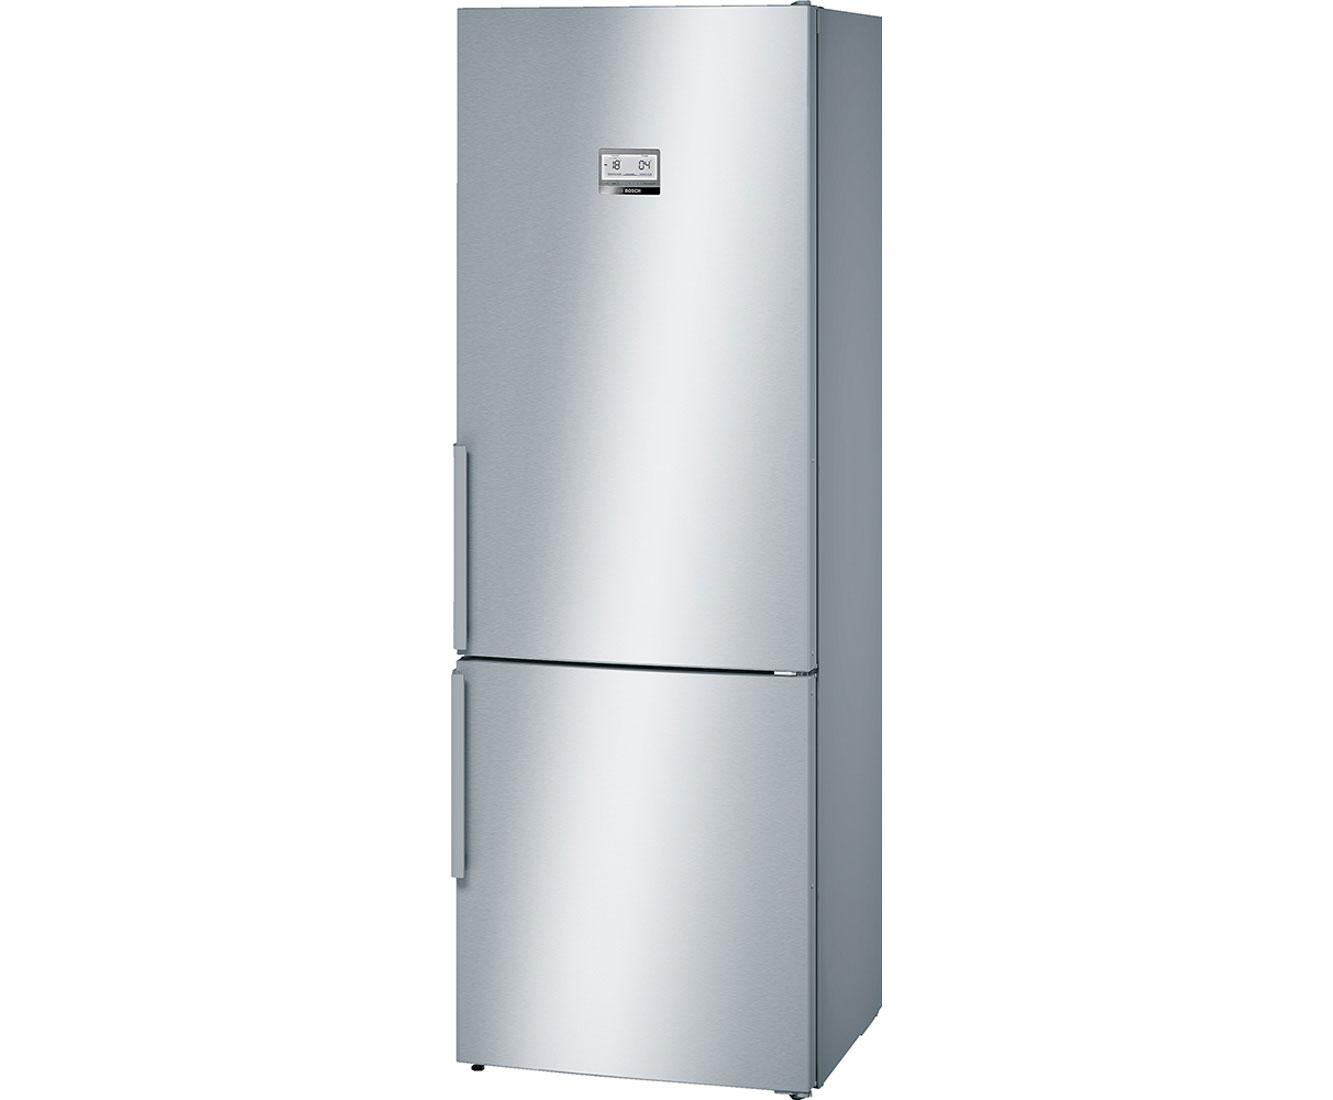 Bosch Kühlschrank Holiday Taste : Kühl gefrier a no frost preisvergleich u2022 die besten angebote online